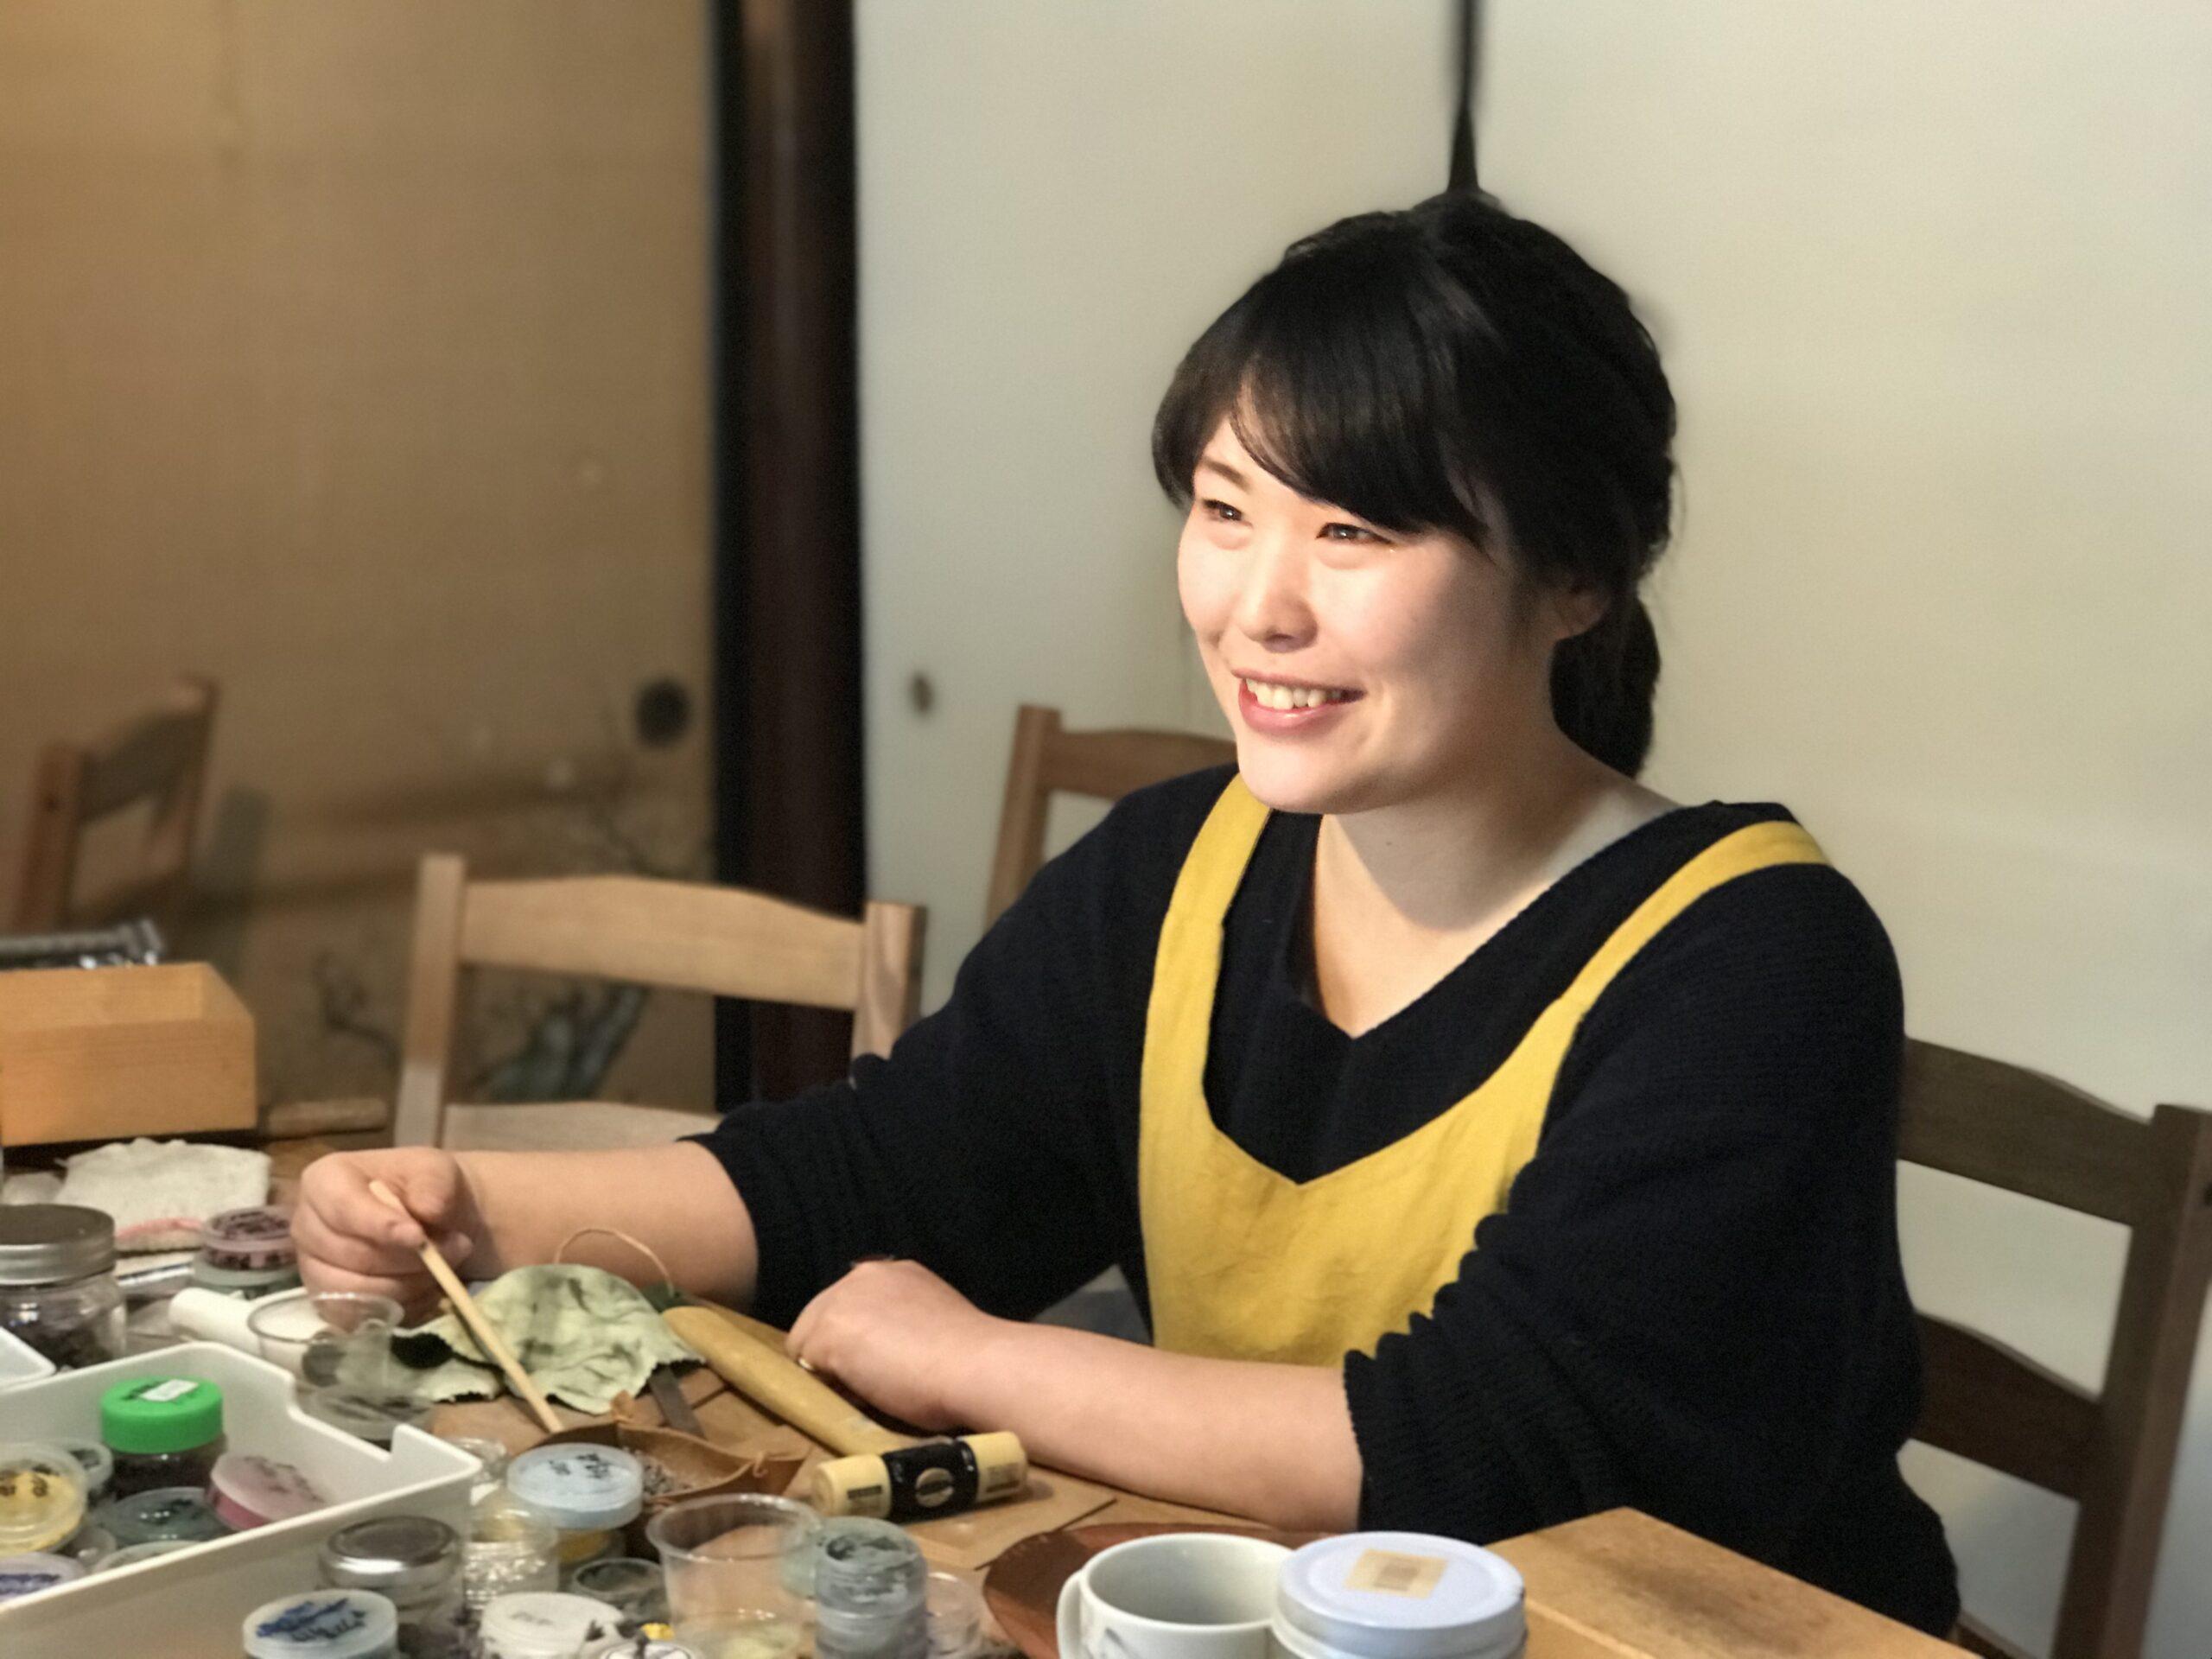 ユタカの部屋 VOL.80   大山芙由美さん